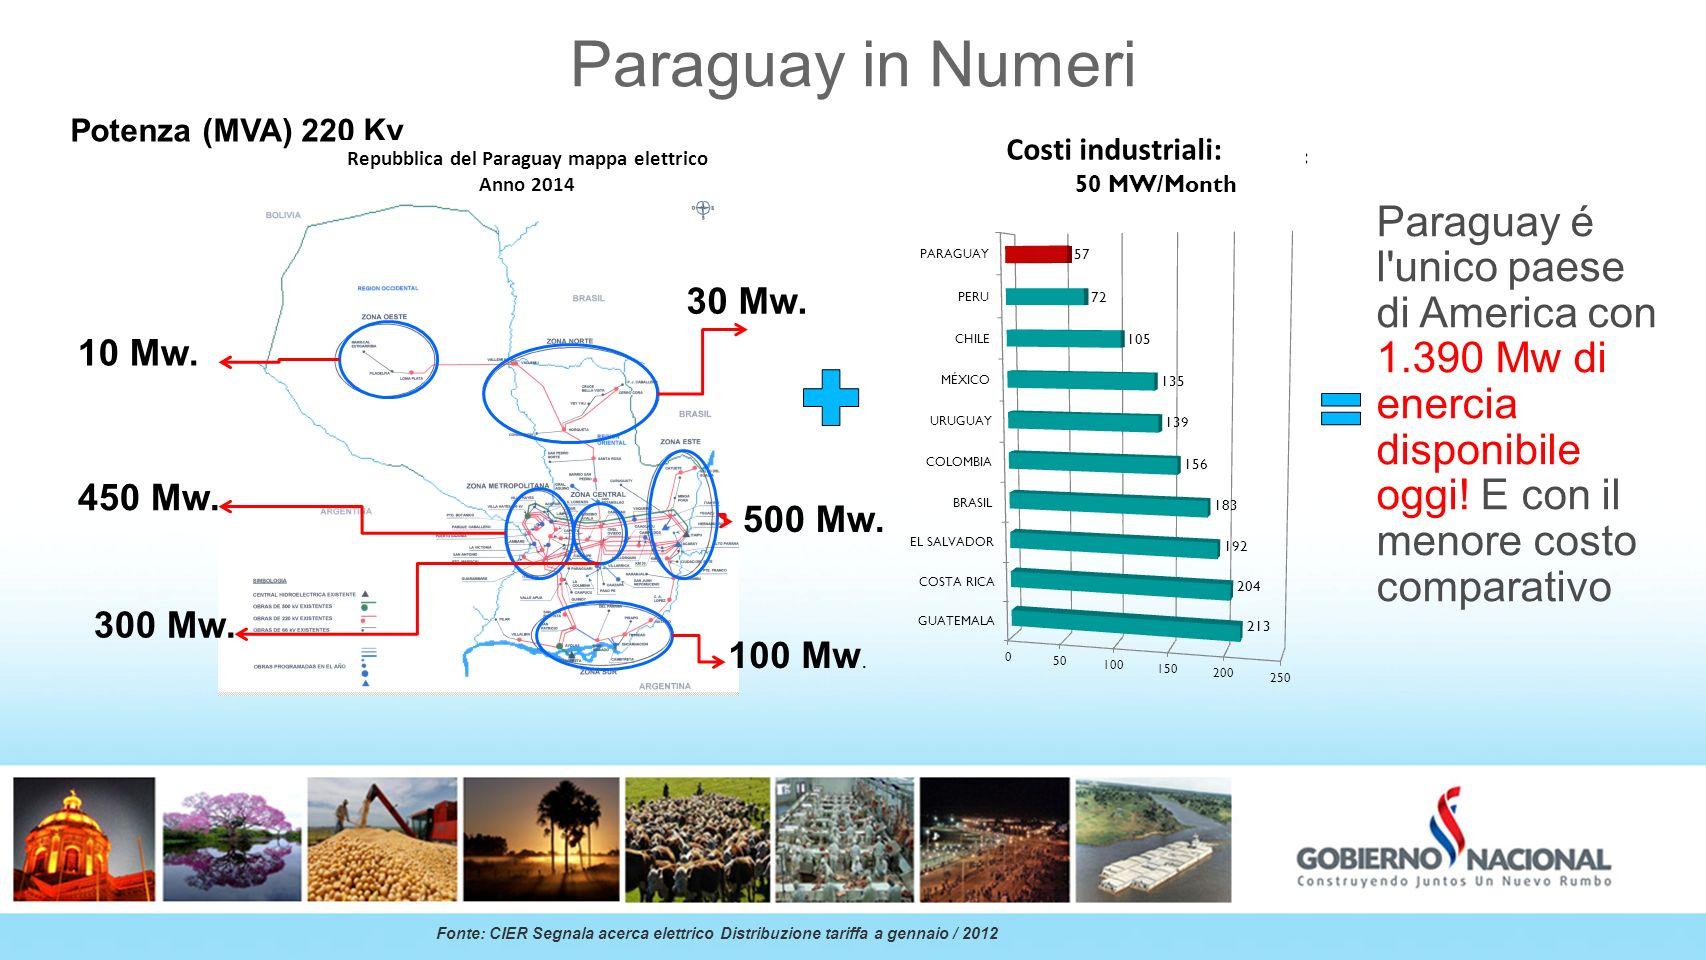 Paraguay in Numeri Paraguay é l'unico paese di America con 1.390 Mw di enercia disponibile oggi! E con il menore costo comparativo Fonte: CIER Segnala